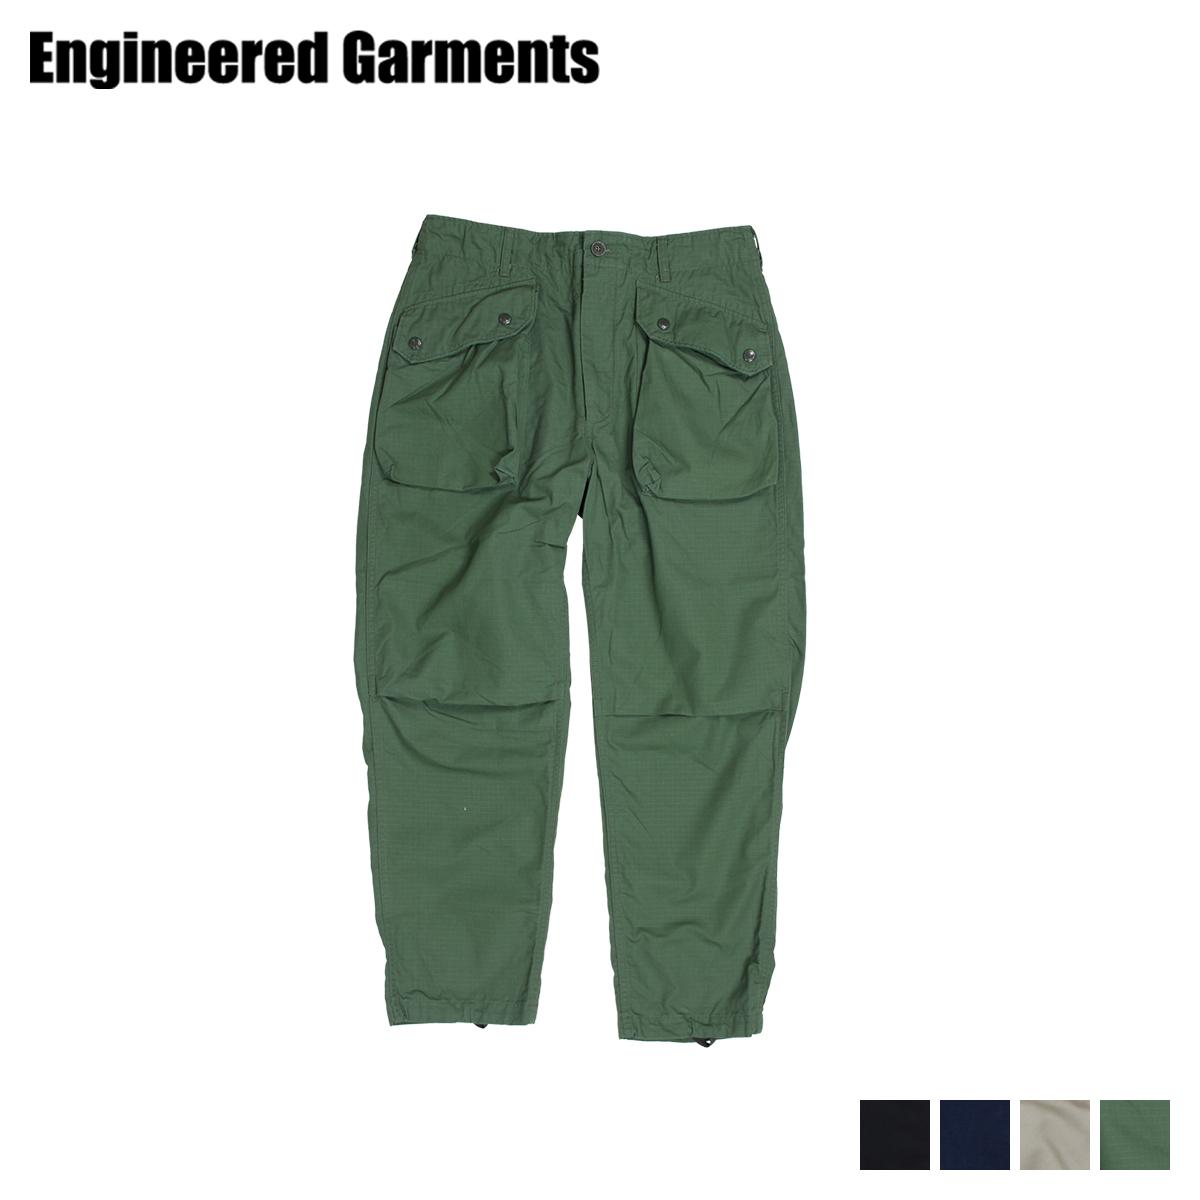 ENGINEERED GARMENTS エンジニアドガーメンツ パンツ カーゴパンツ メンズ NORWEGIAN PANT ブラック ネイビー カーキ オリーブ 19SF007